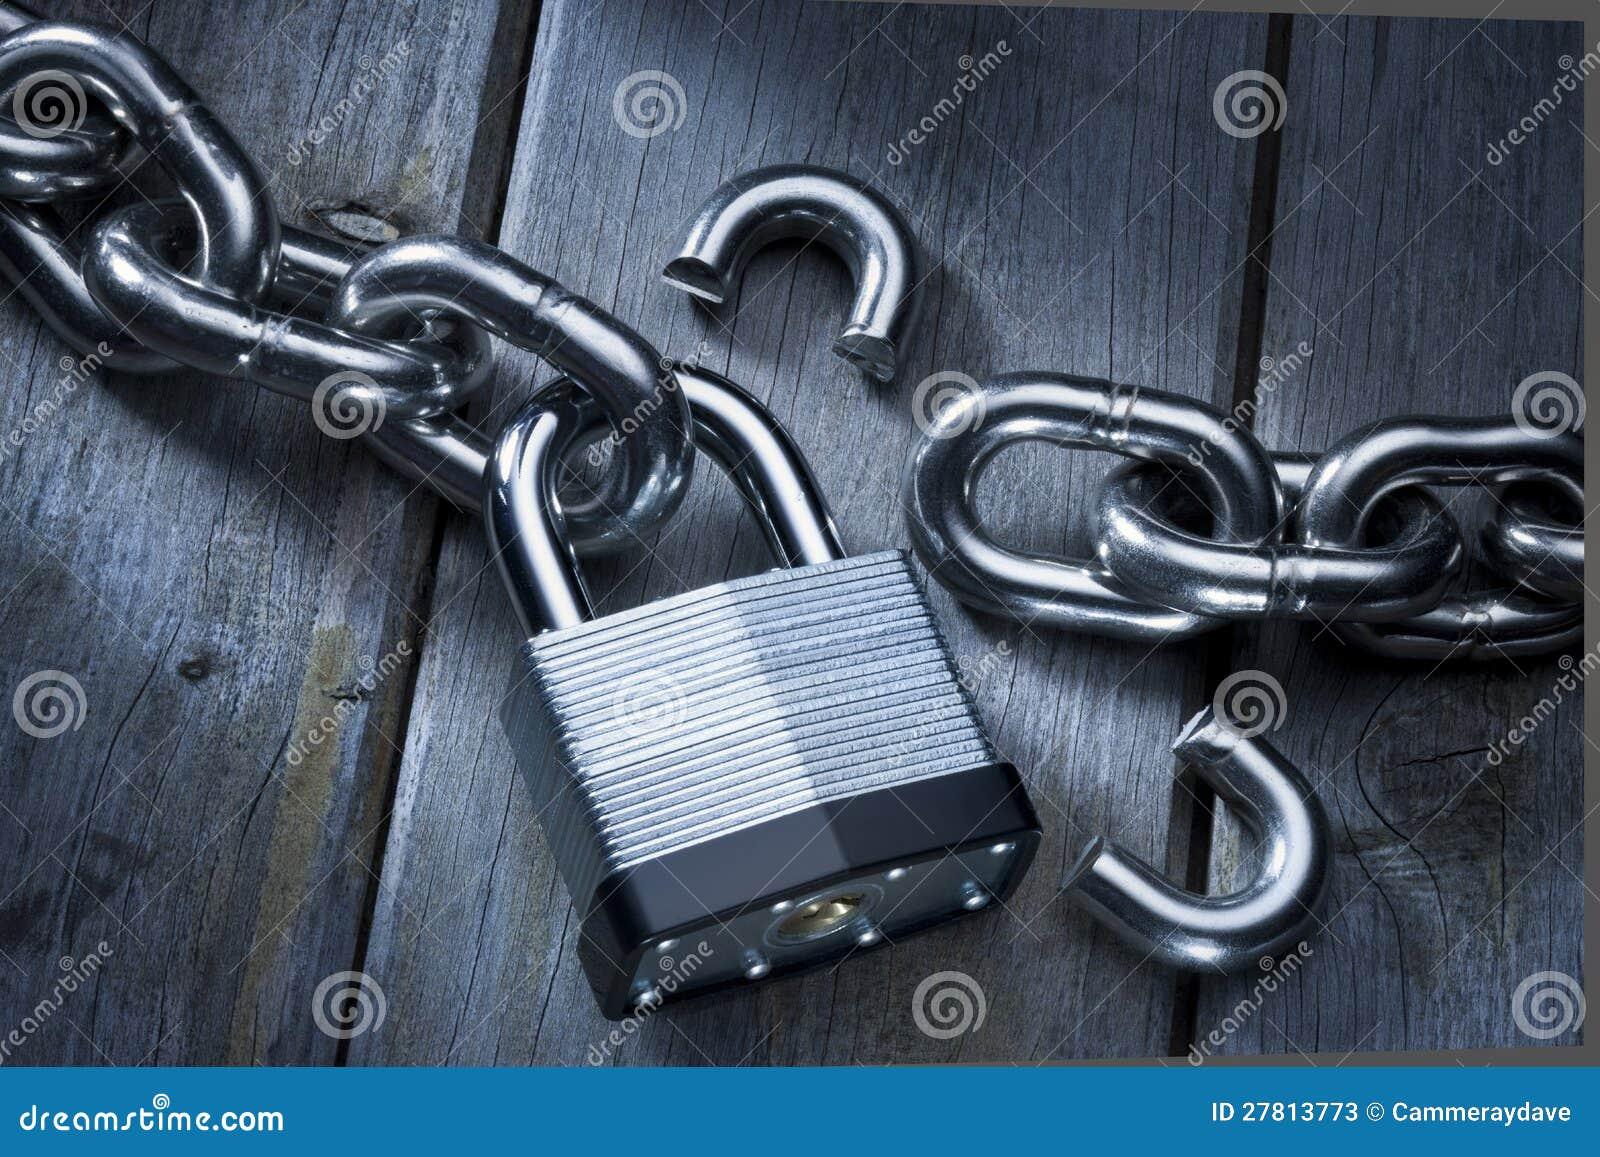 Sicherheits-Verriegelungs-Ausfallen